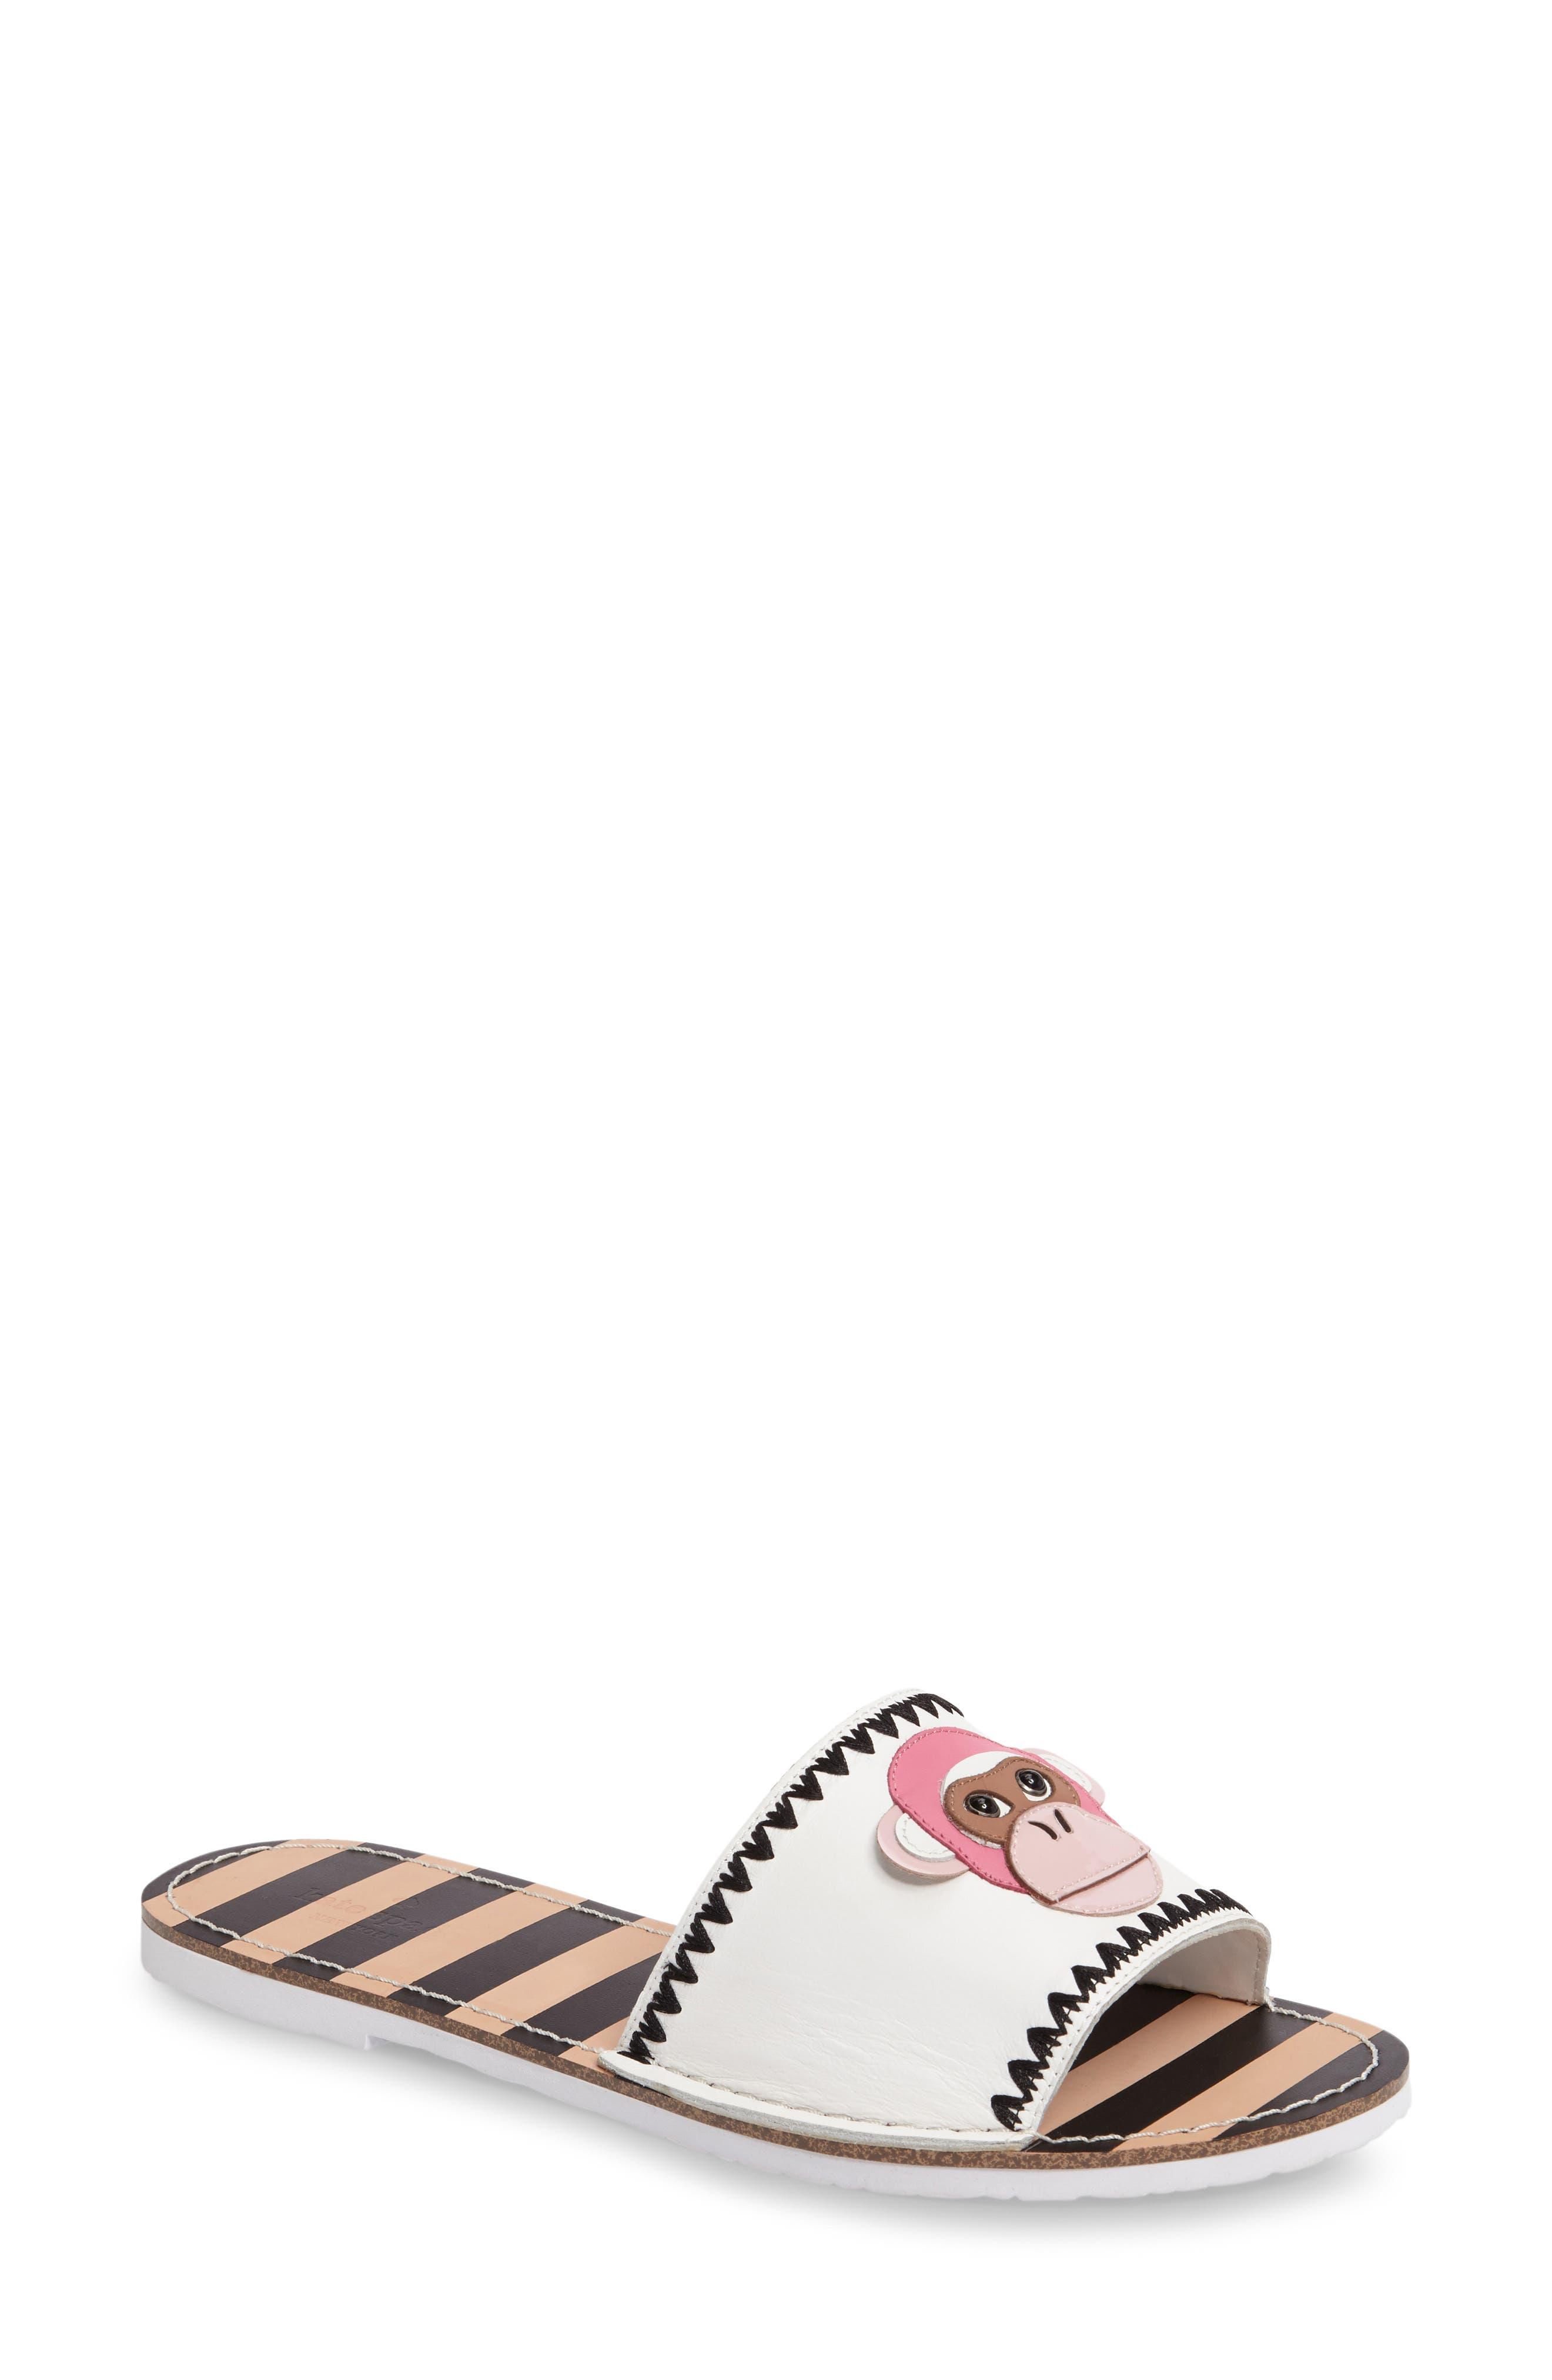 kate spade new york inyo slide sandal (Women)